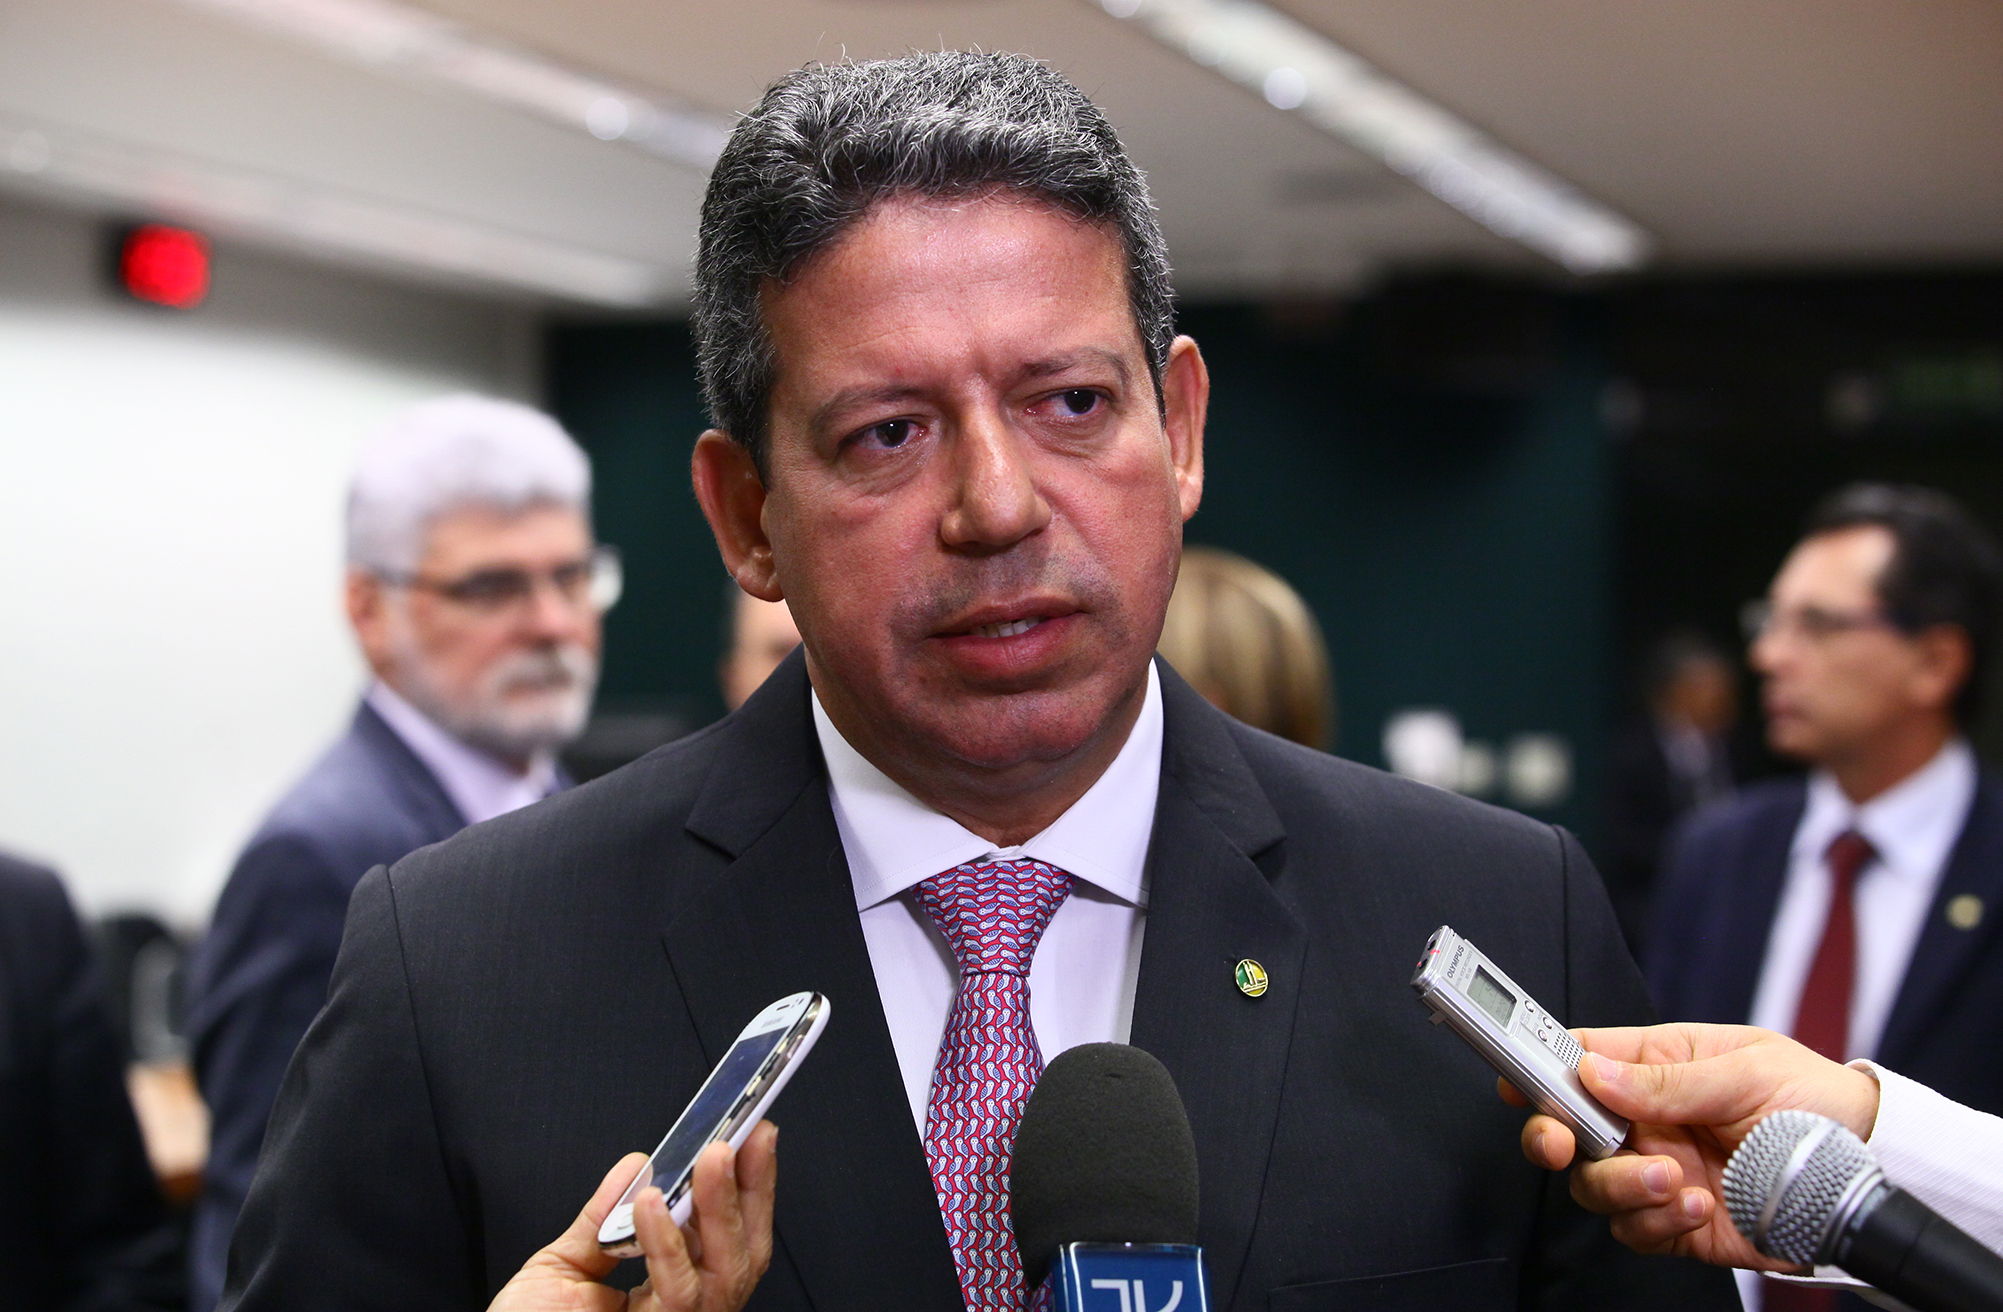 Read more about the article Desindexar o orçamento: Entenda proposta defendida por Arthur Lira e Paulo Guedes